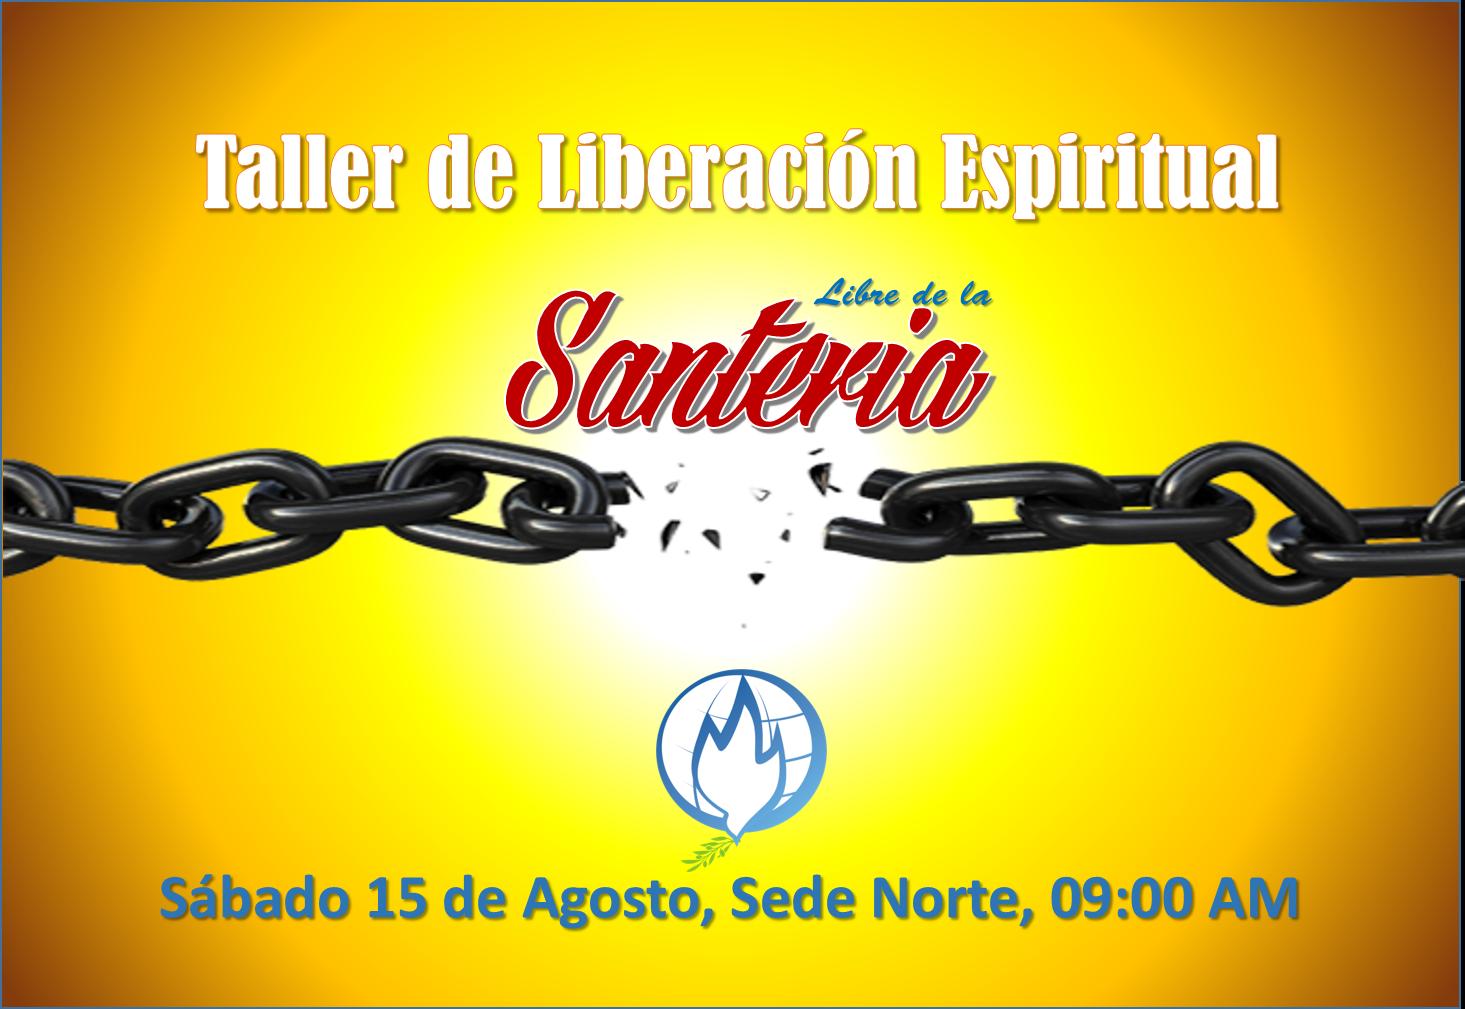 Libre de la Santería